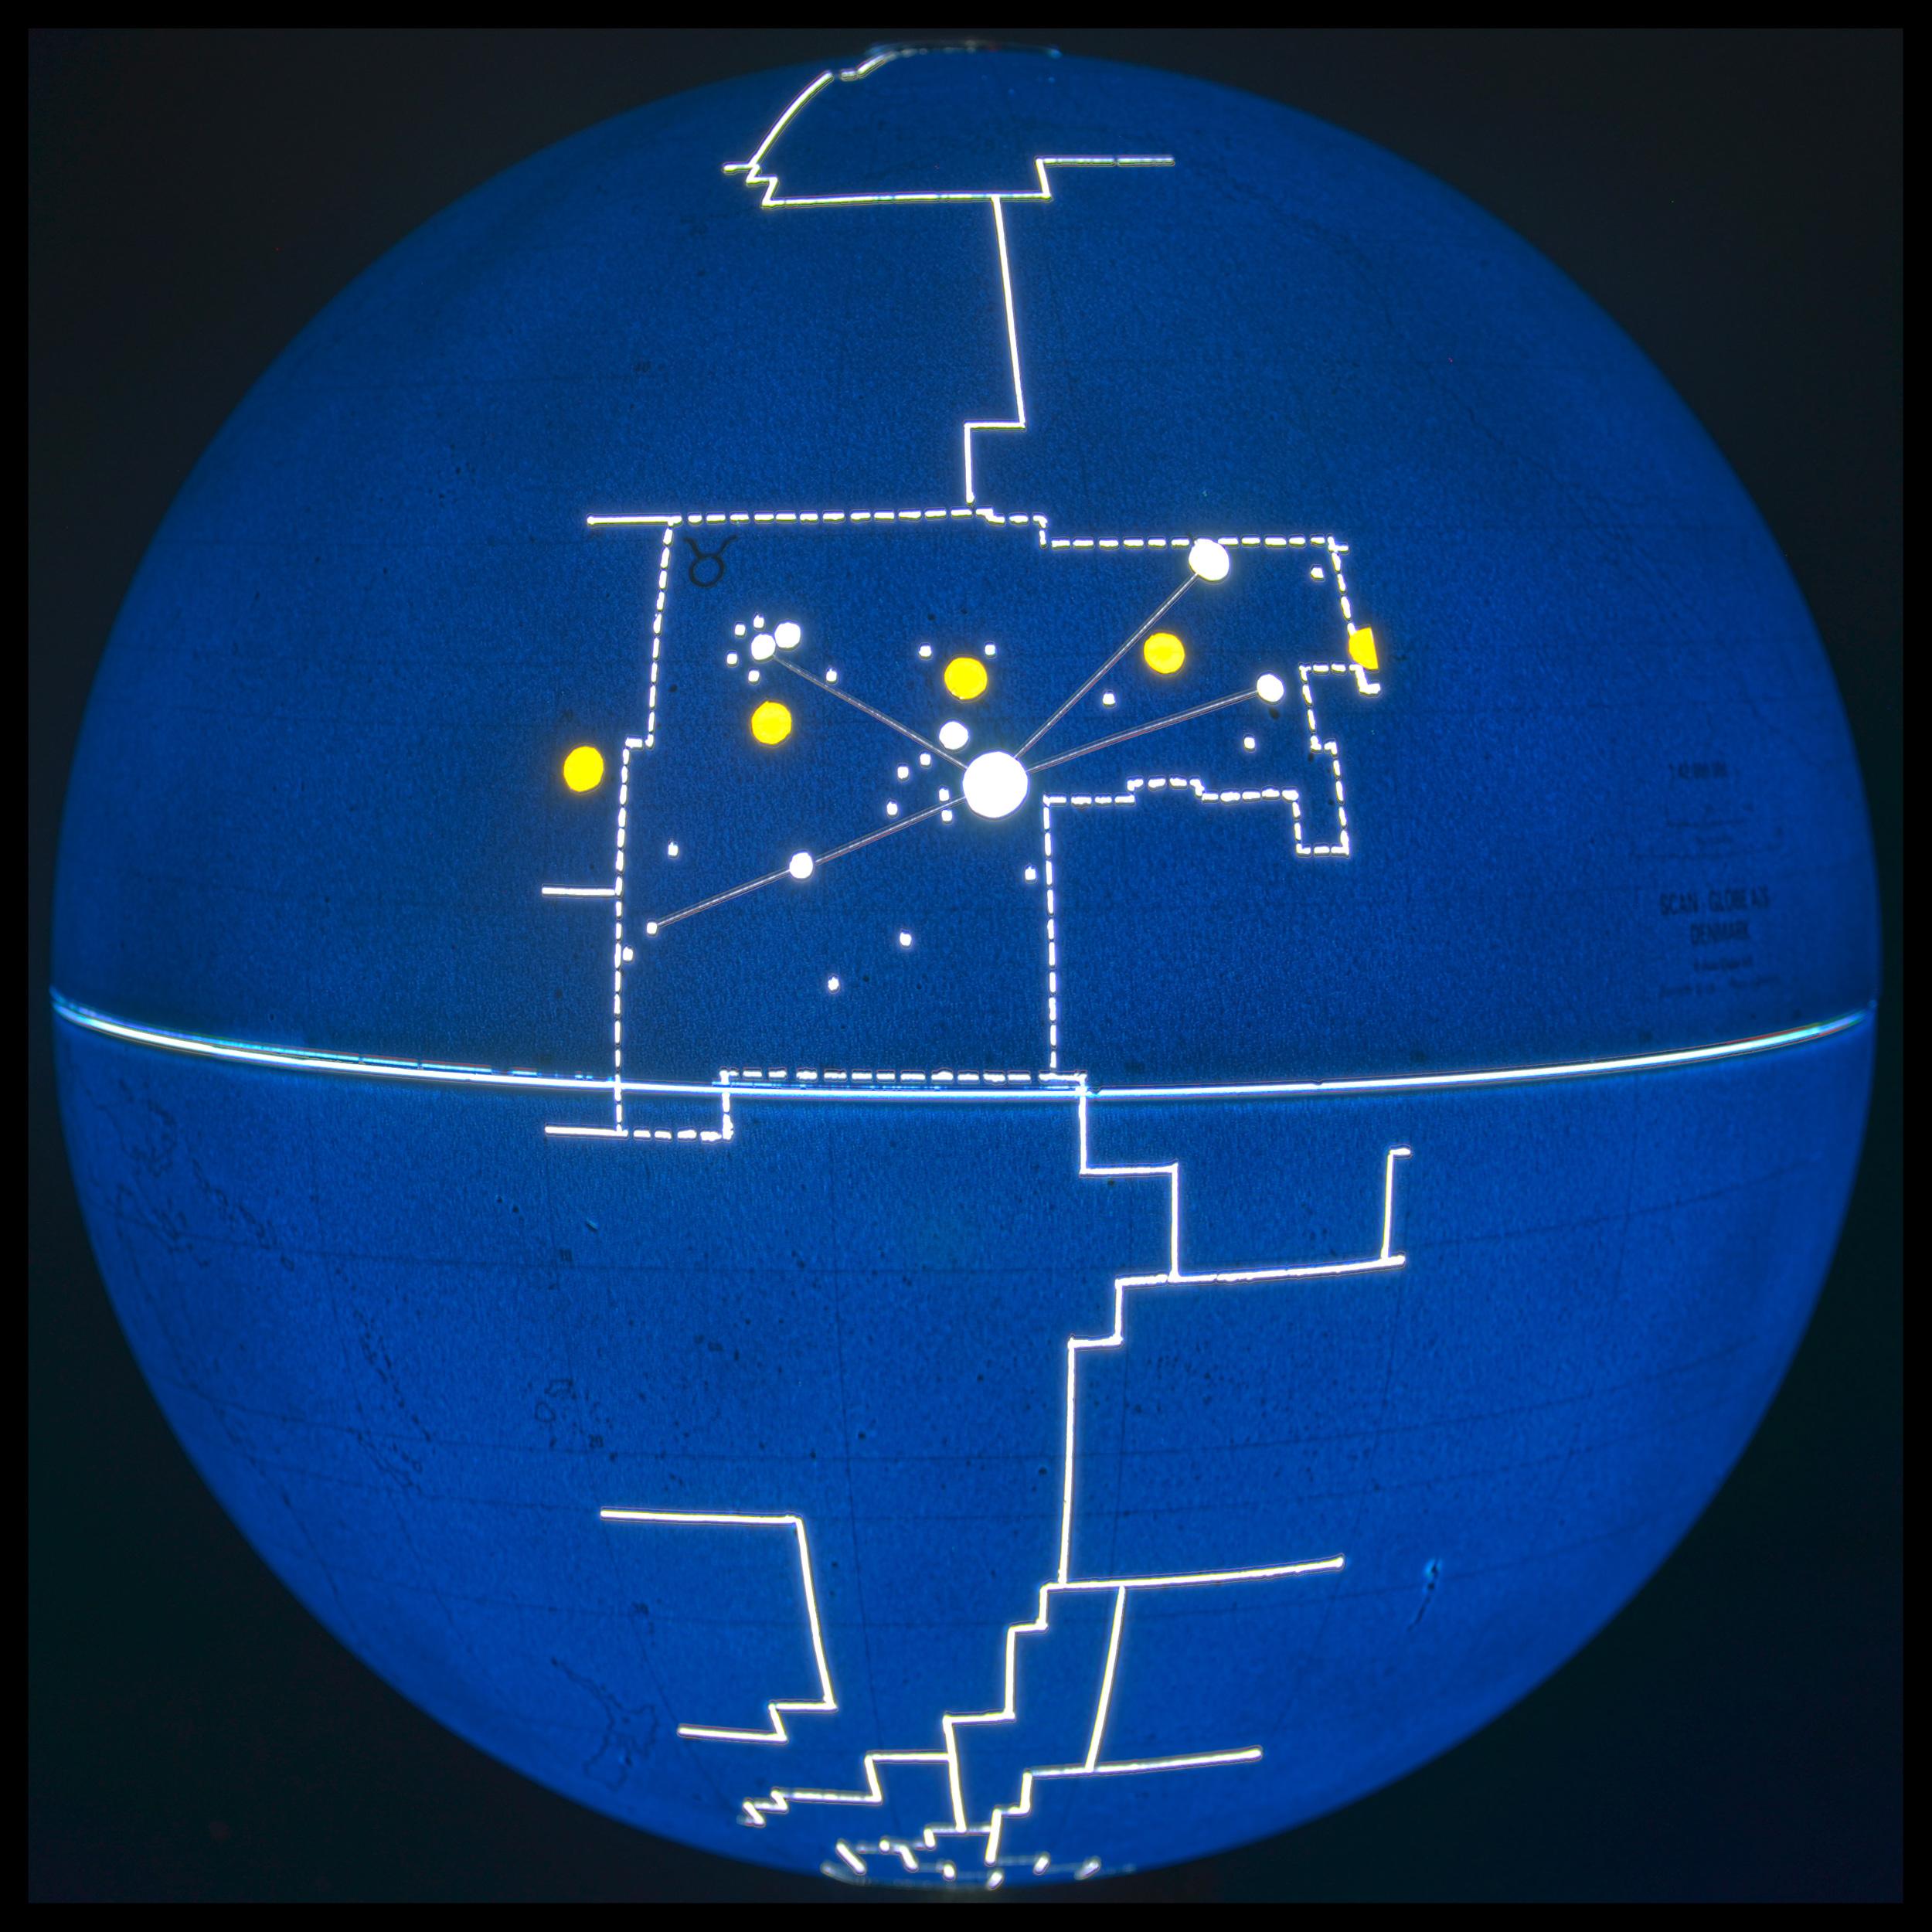 345-5B_CelestialSphere_HDR2.jpg